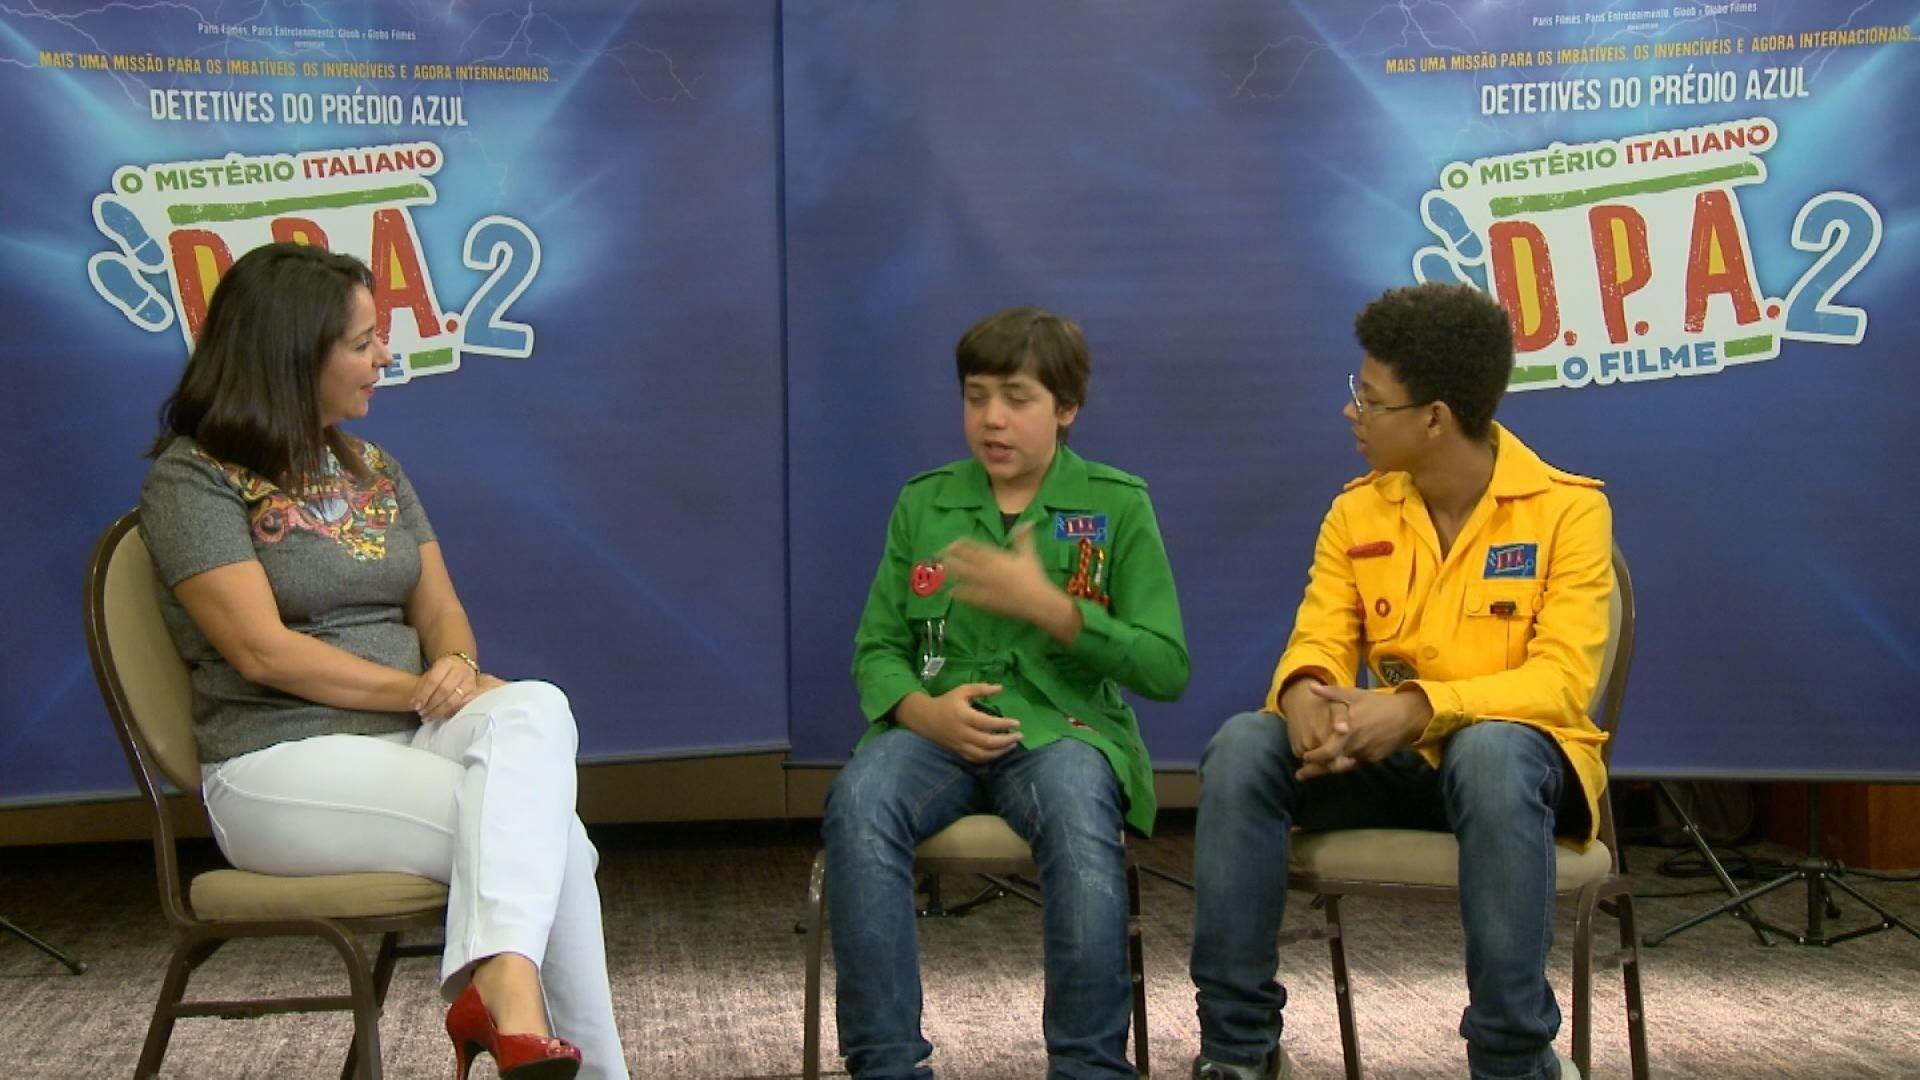 3c1637612c6 Em Cena  atores do longa  Detetives do Prédio Azul - 2  contam experiência  em entrevista